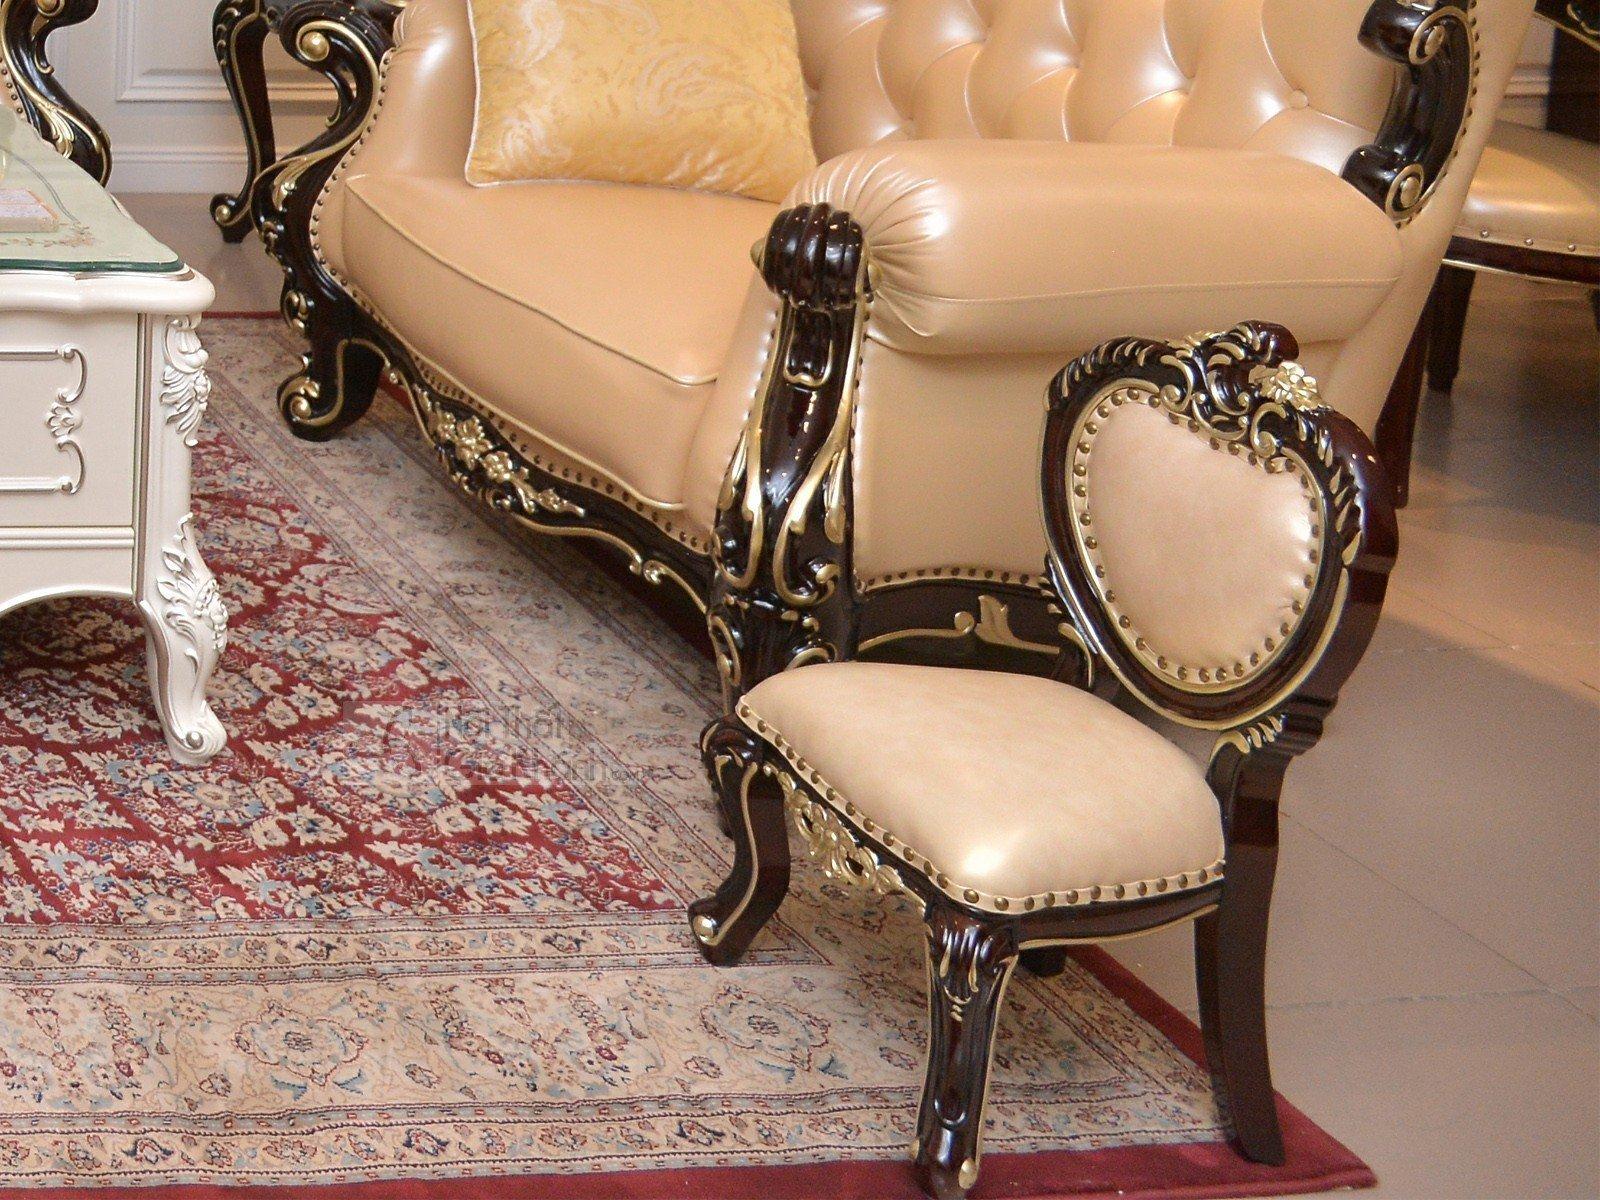 GHẾ NHỎ ĐỂ CÙNG SOFA G8801 - ghe dat cung sofa